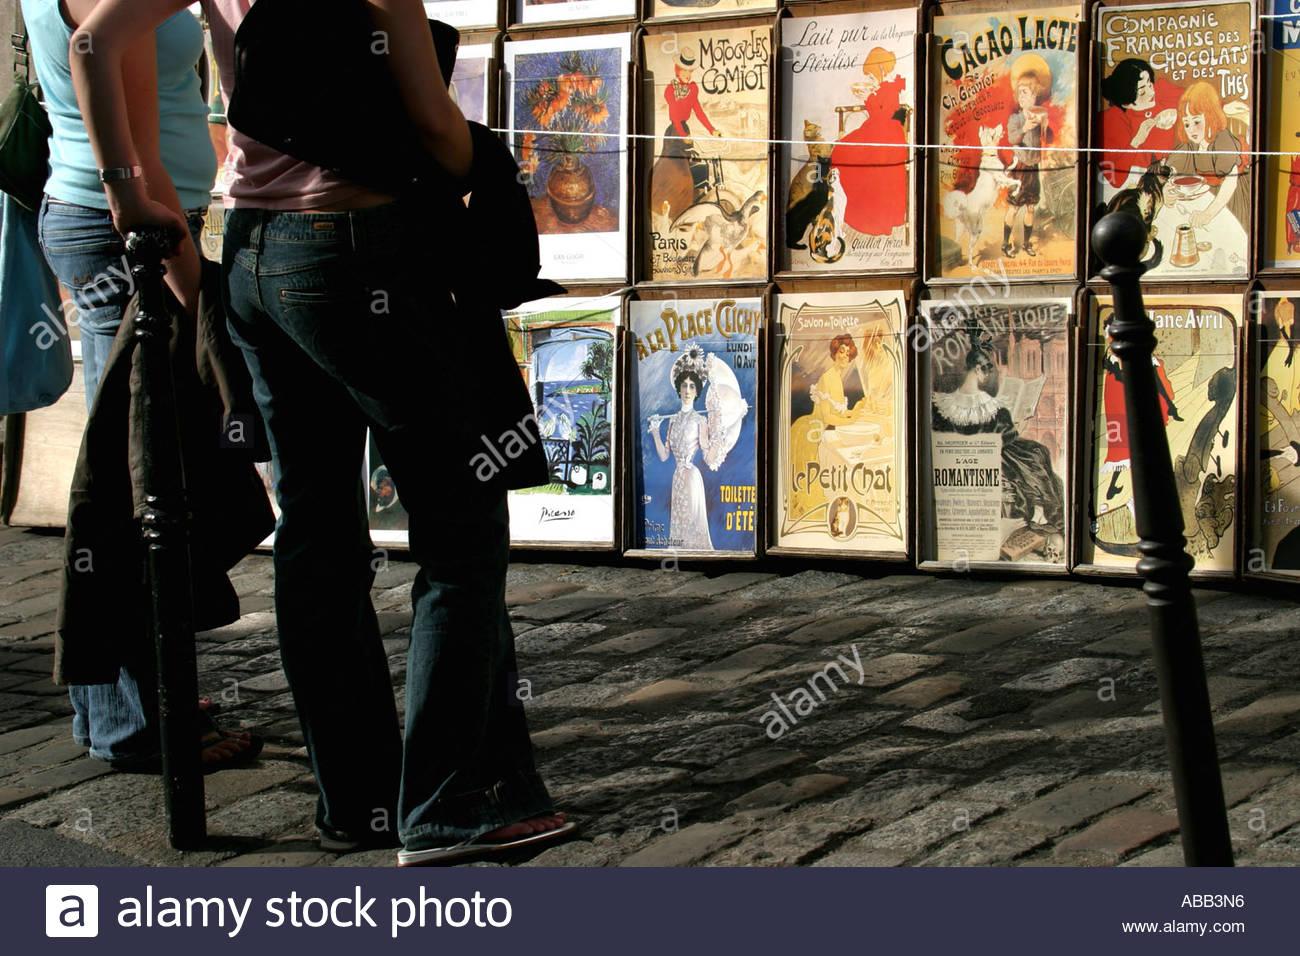 Paris, Montmartre, Copies Old Parisian Posters - Stock Image